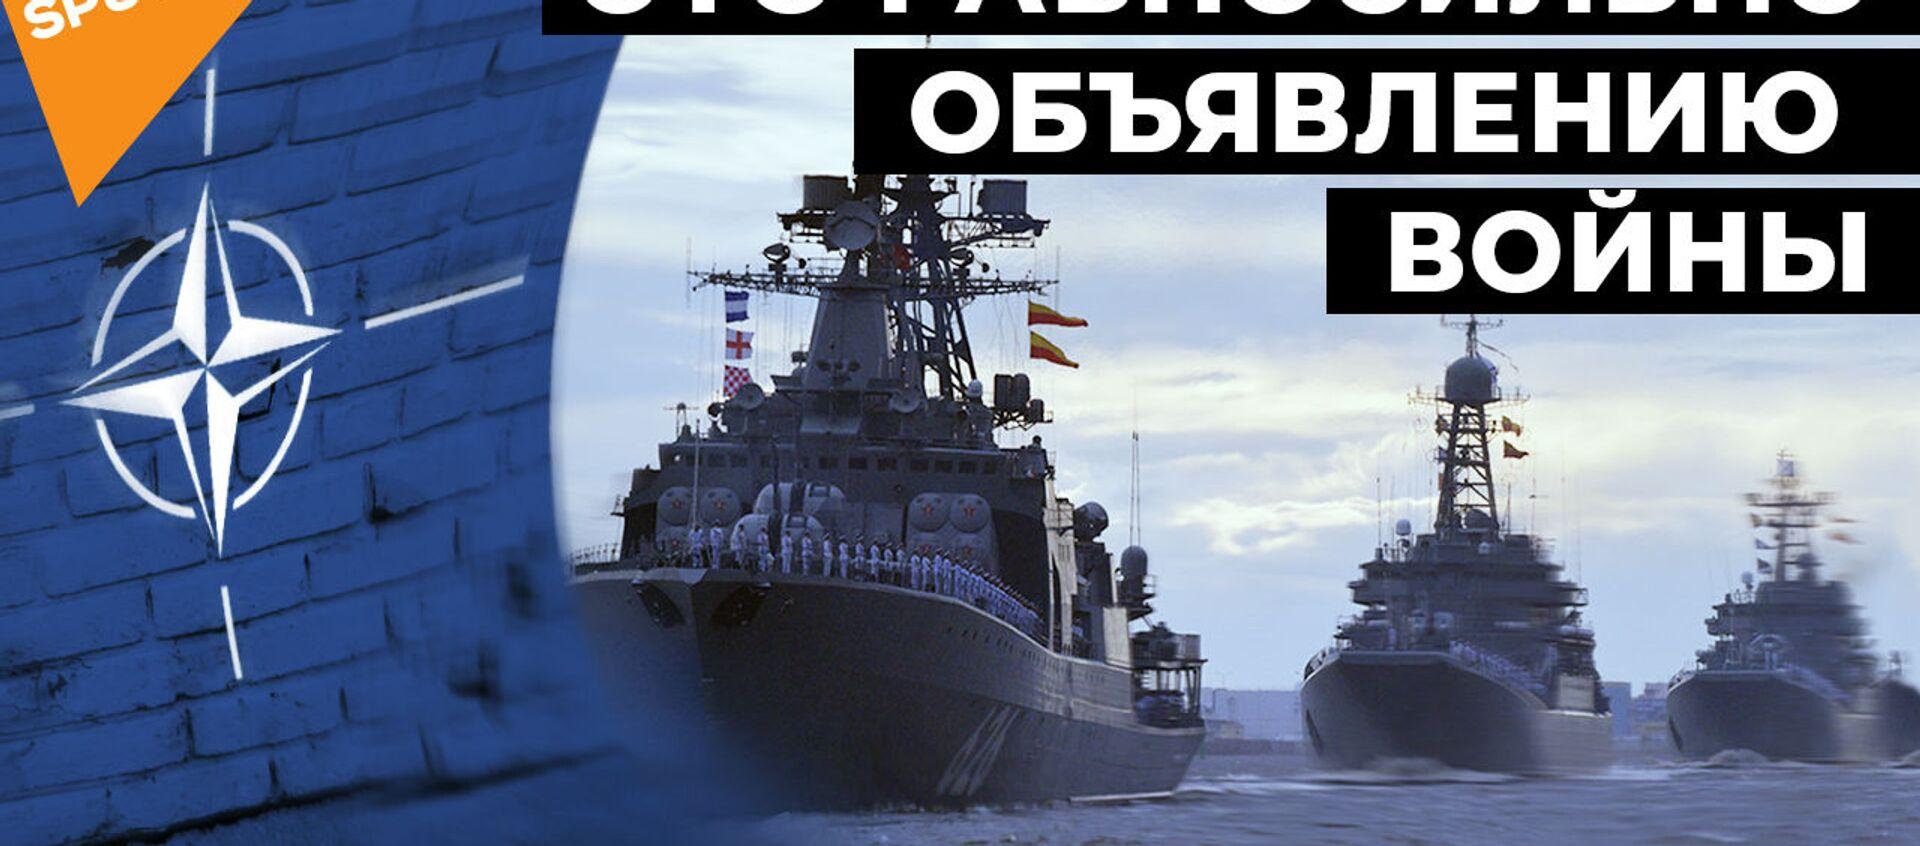 Вашингтон испугался российских кораблей в Атлантике и задумался о блокаде - Sputnik Беларусь, 1920, 13.03.2021